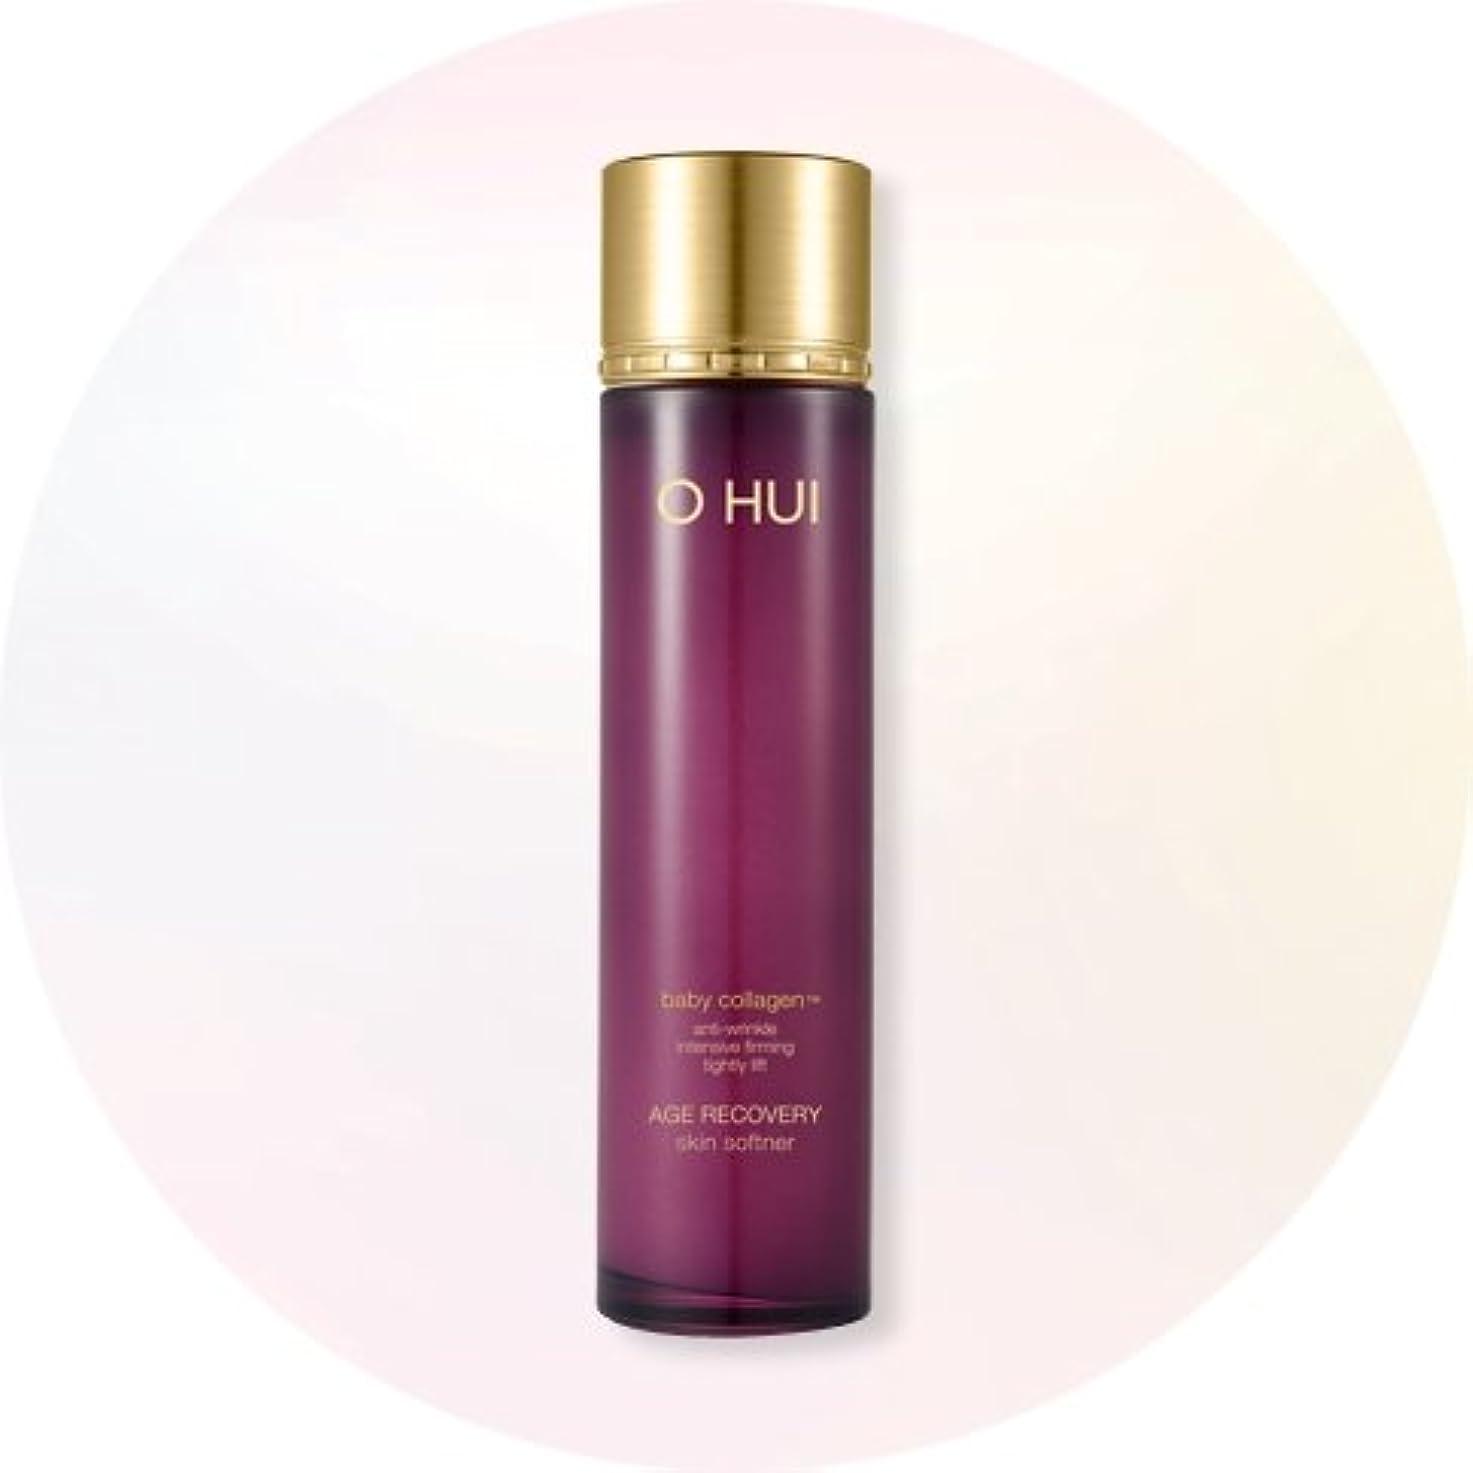 酔う湿度知り合い[OHUI]オフィ NEW★ エイジ?リカバリースキンソフナー/化粧水/NEW★ Age Recovery Skin Softener 150ml /Korea cosmetics/LG care[001-MI]